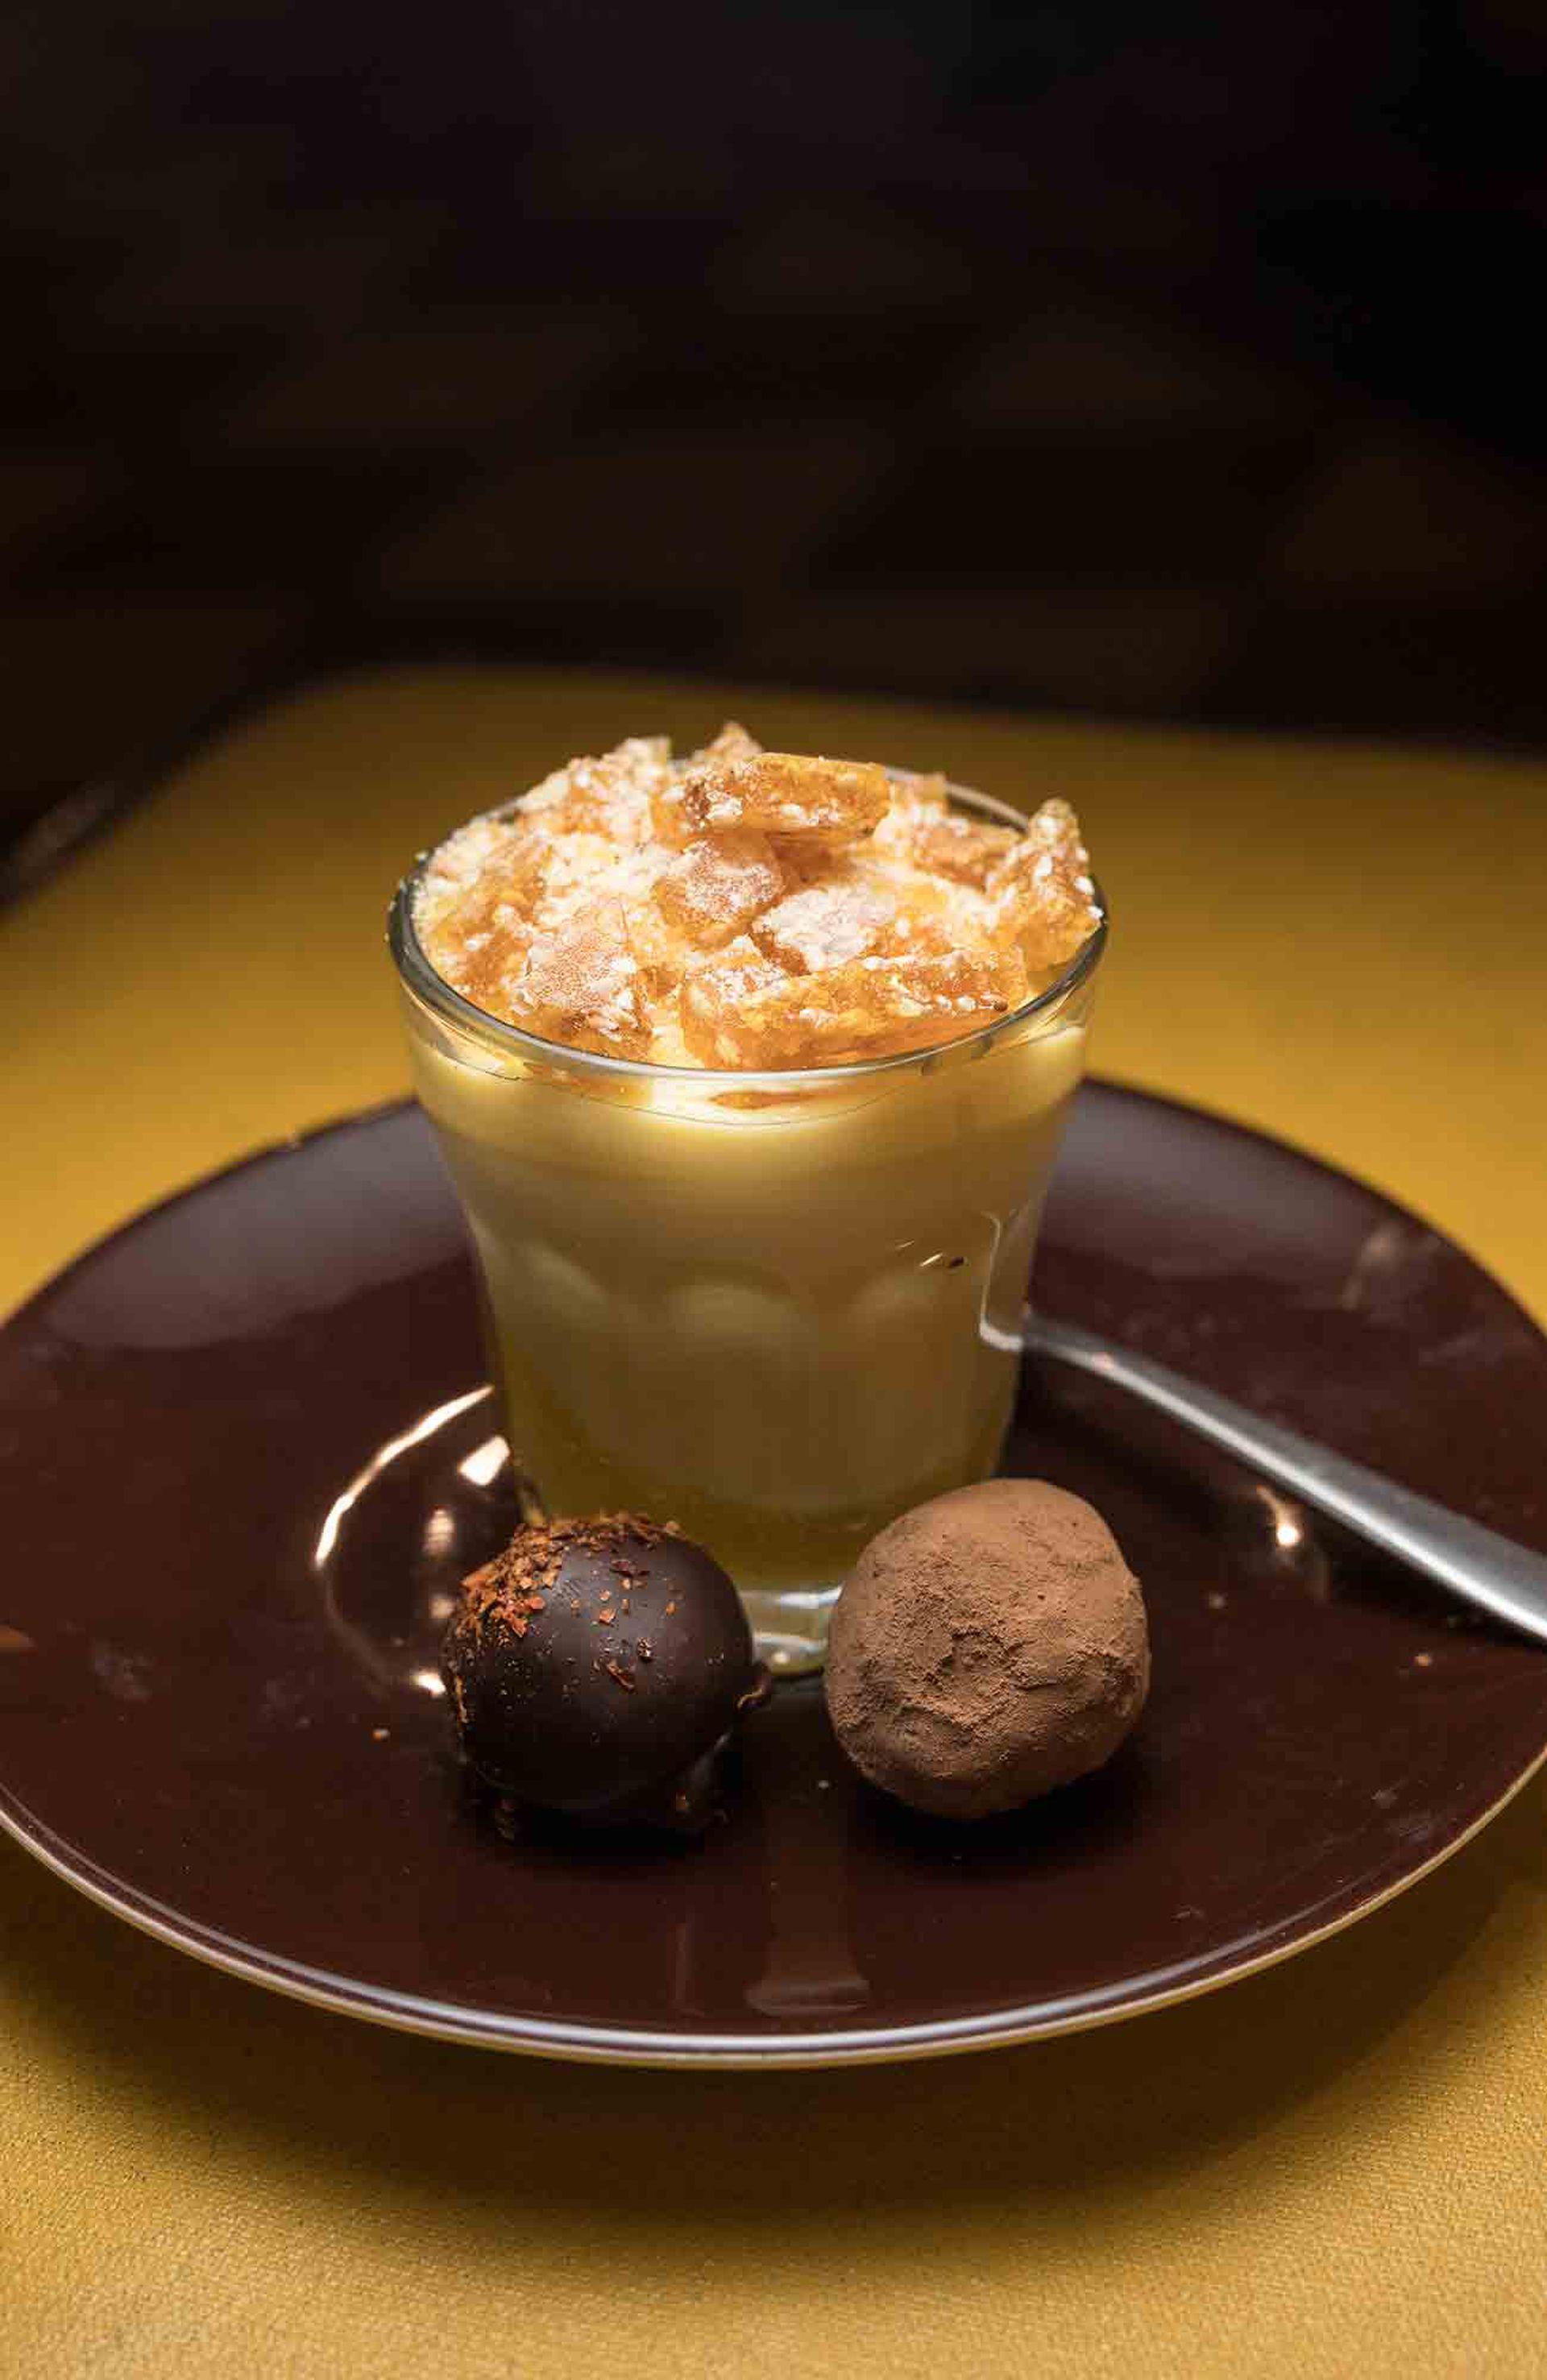 Crema de mango y trufas de chocolate amargo enchilado de La Neta.